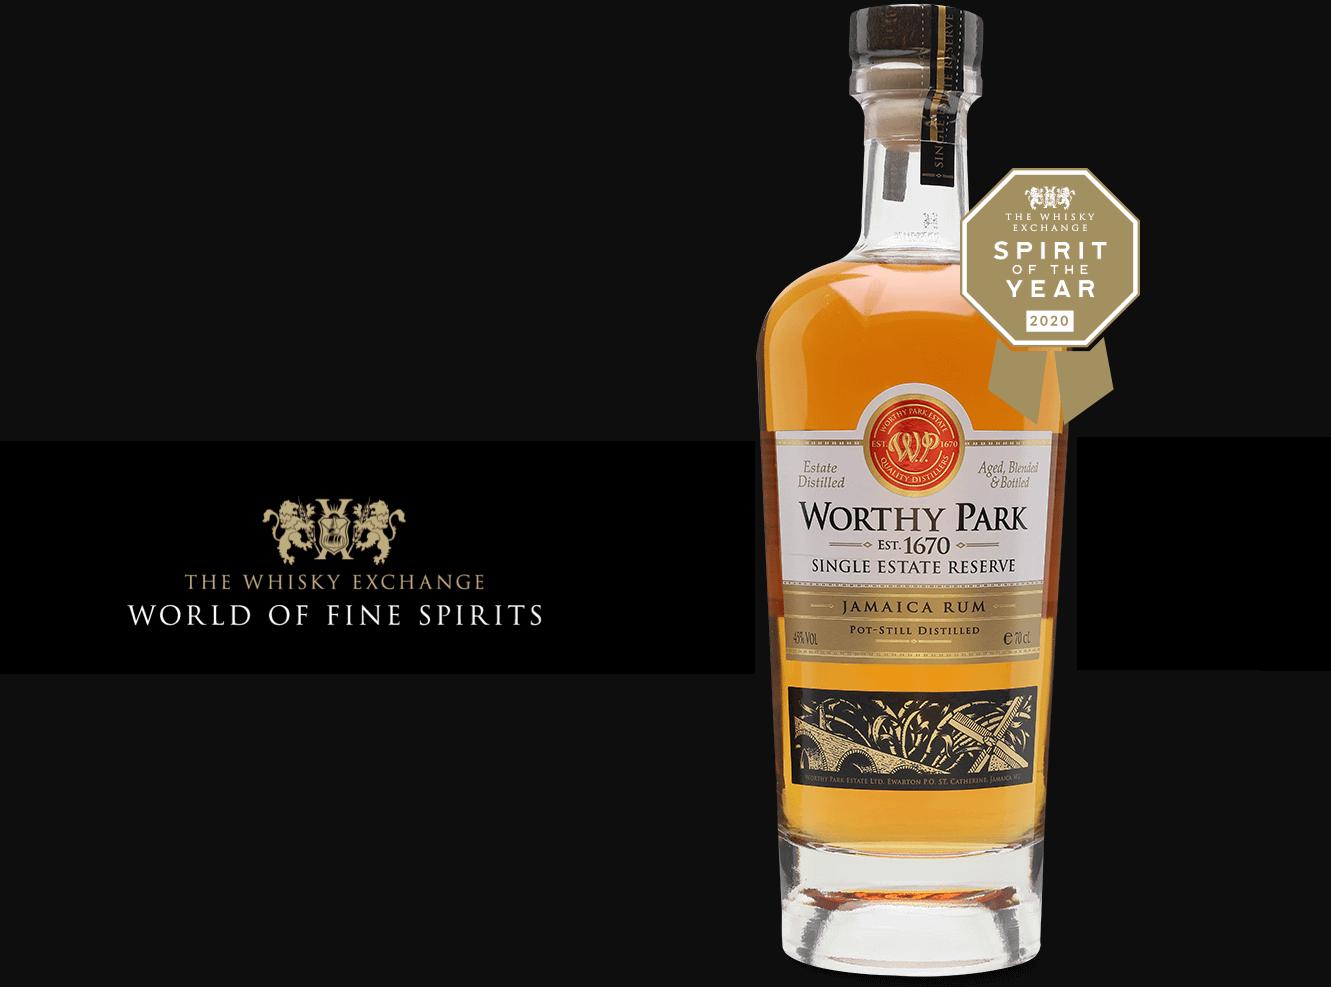 Worthy Park Single Estate Reserve destilátem roku na The Whisky Exchange